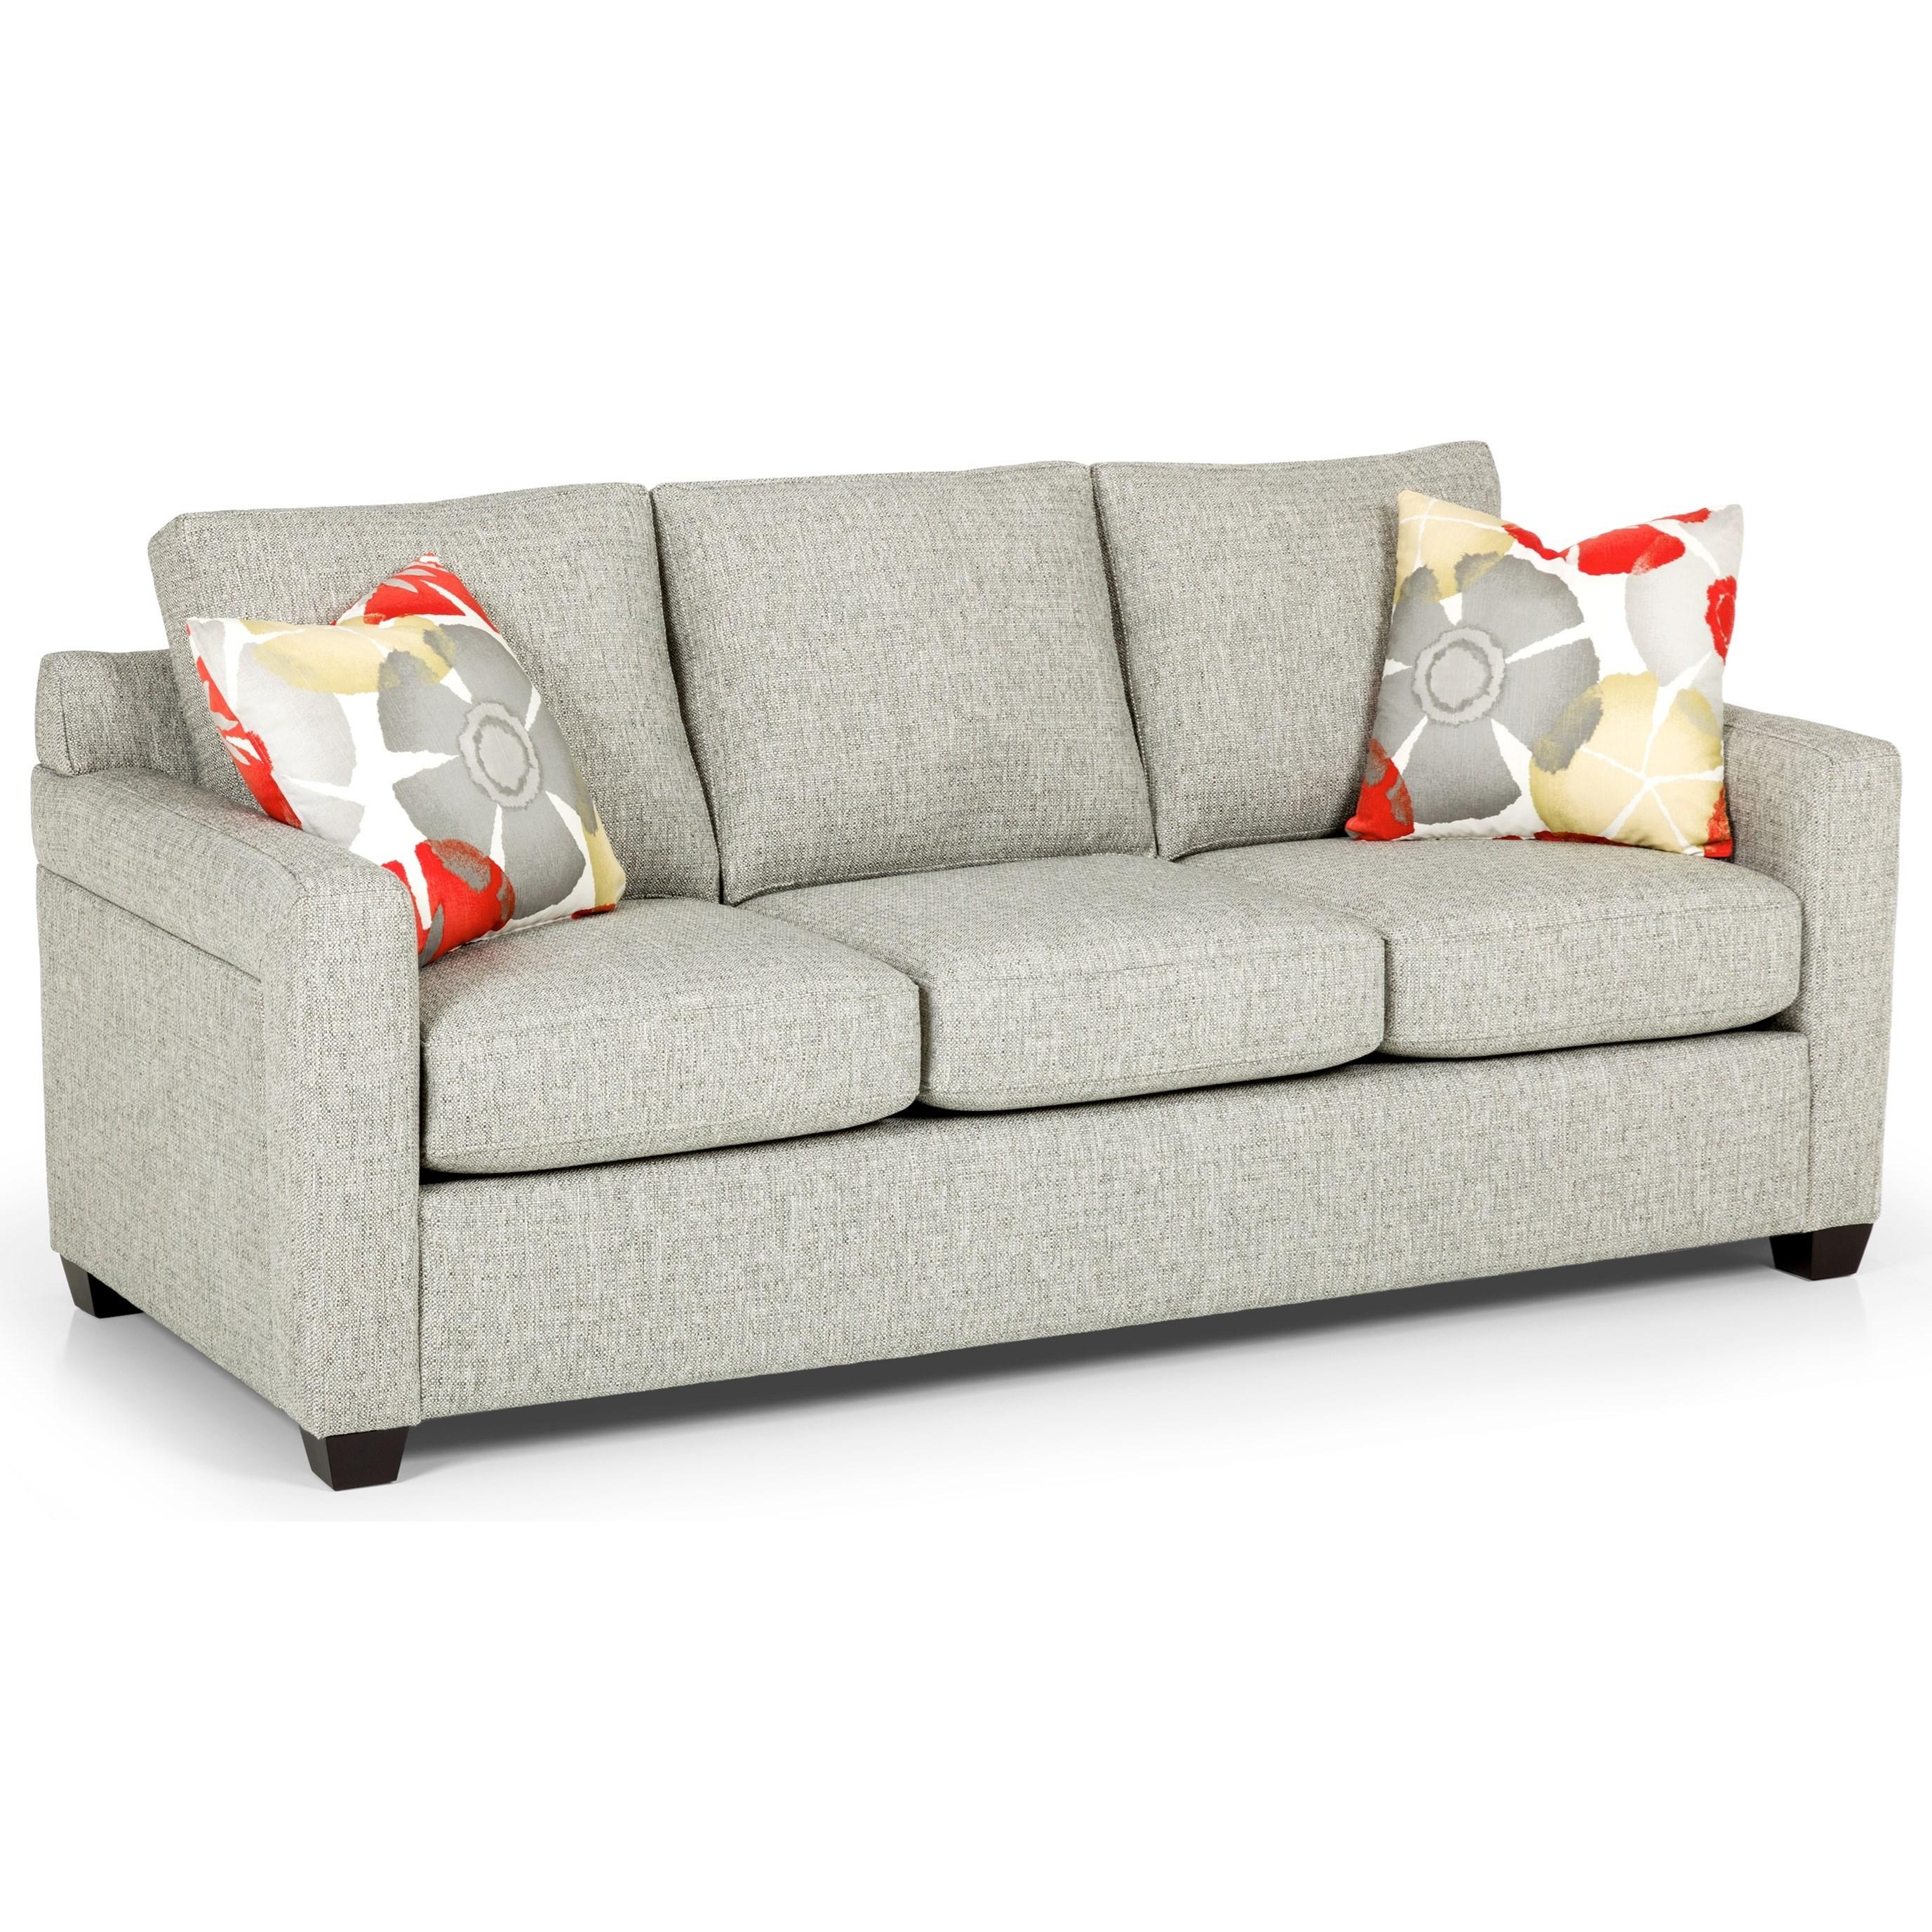 Stanton 336 Sofa - Item Number: 336-01